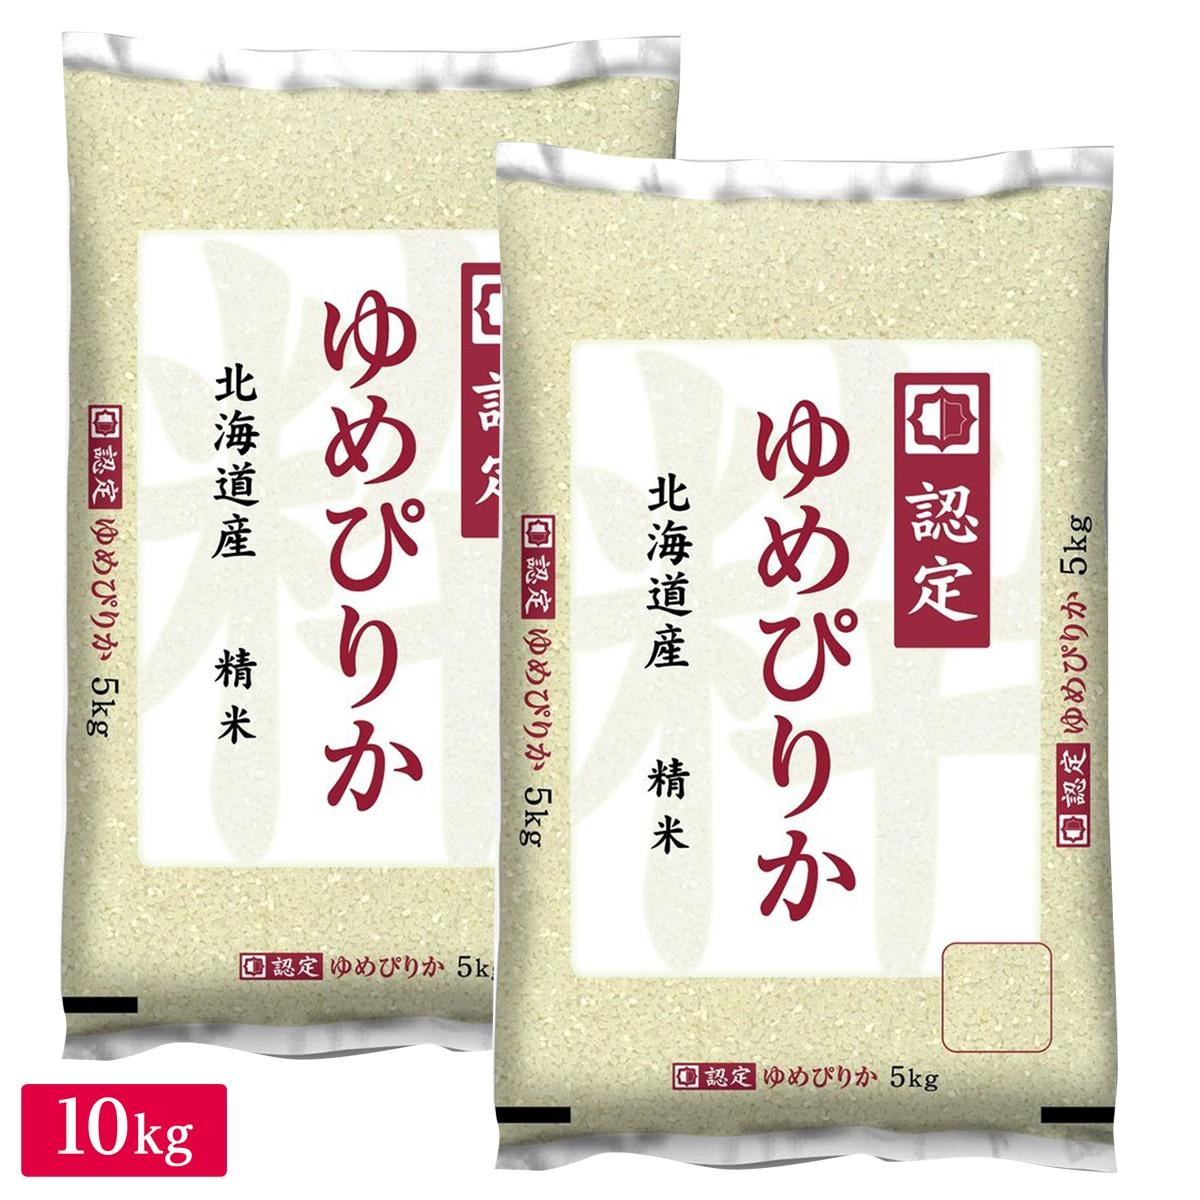 むらせライス ■【精米】令和元年産 北海道ゆめぴりか 10kg(5kg×2) 25690